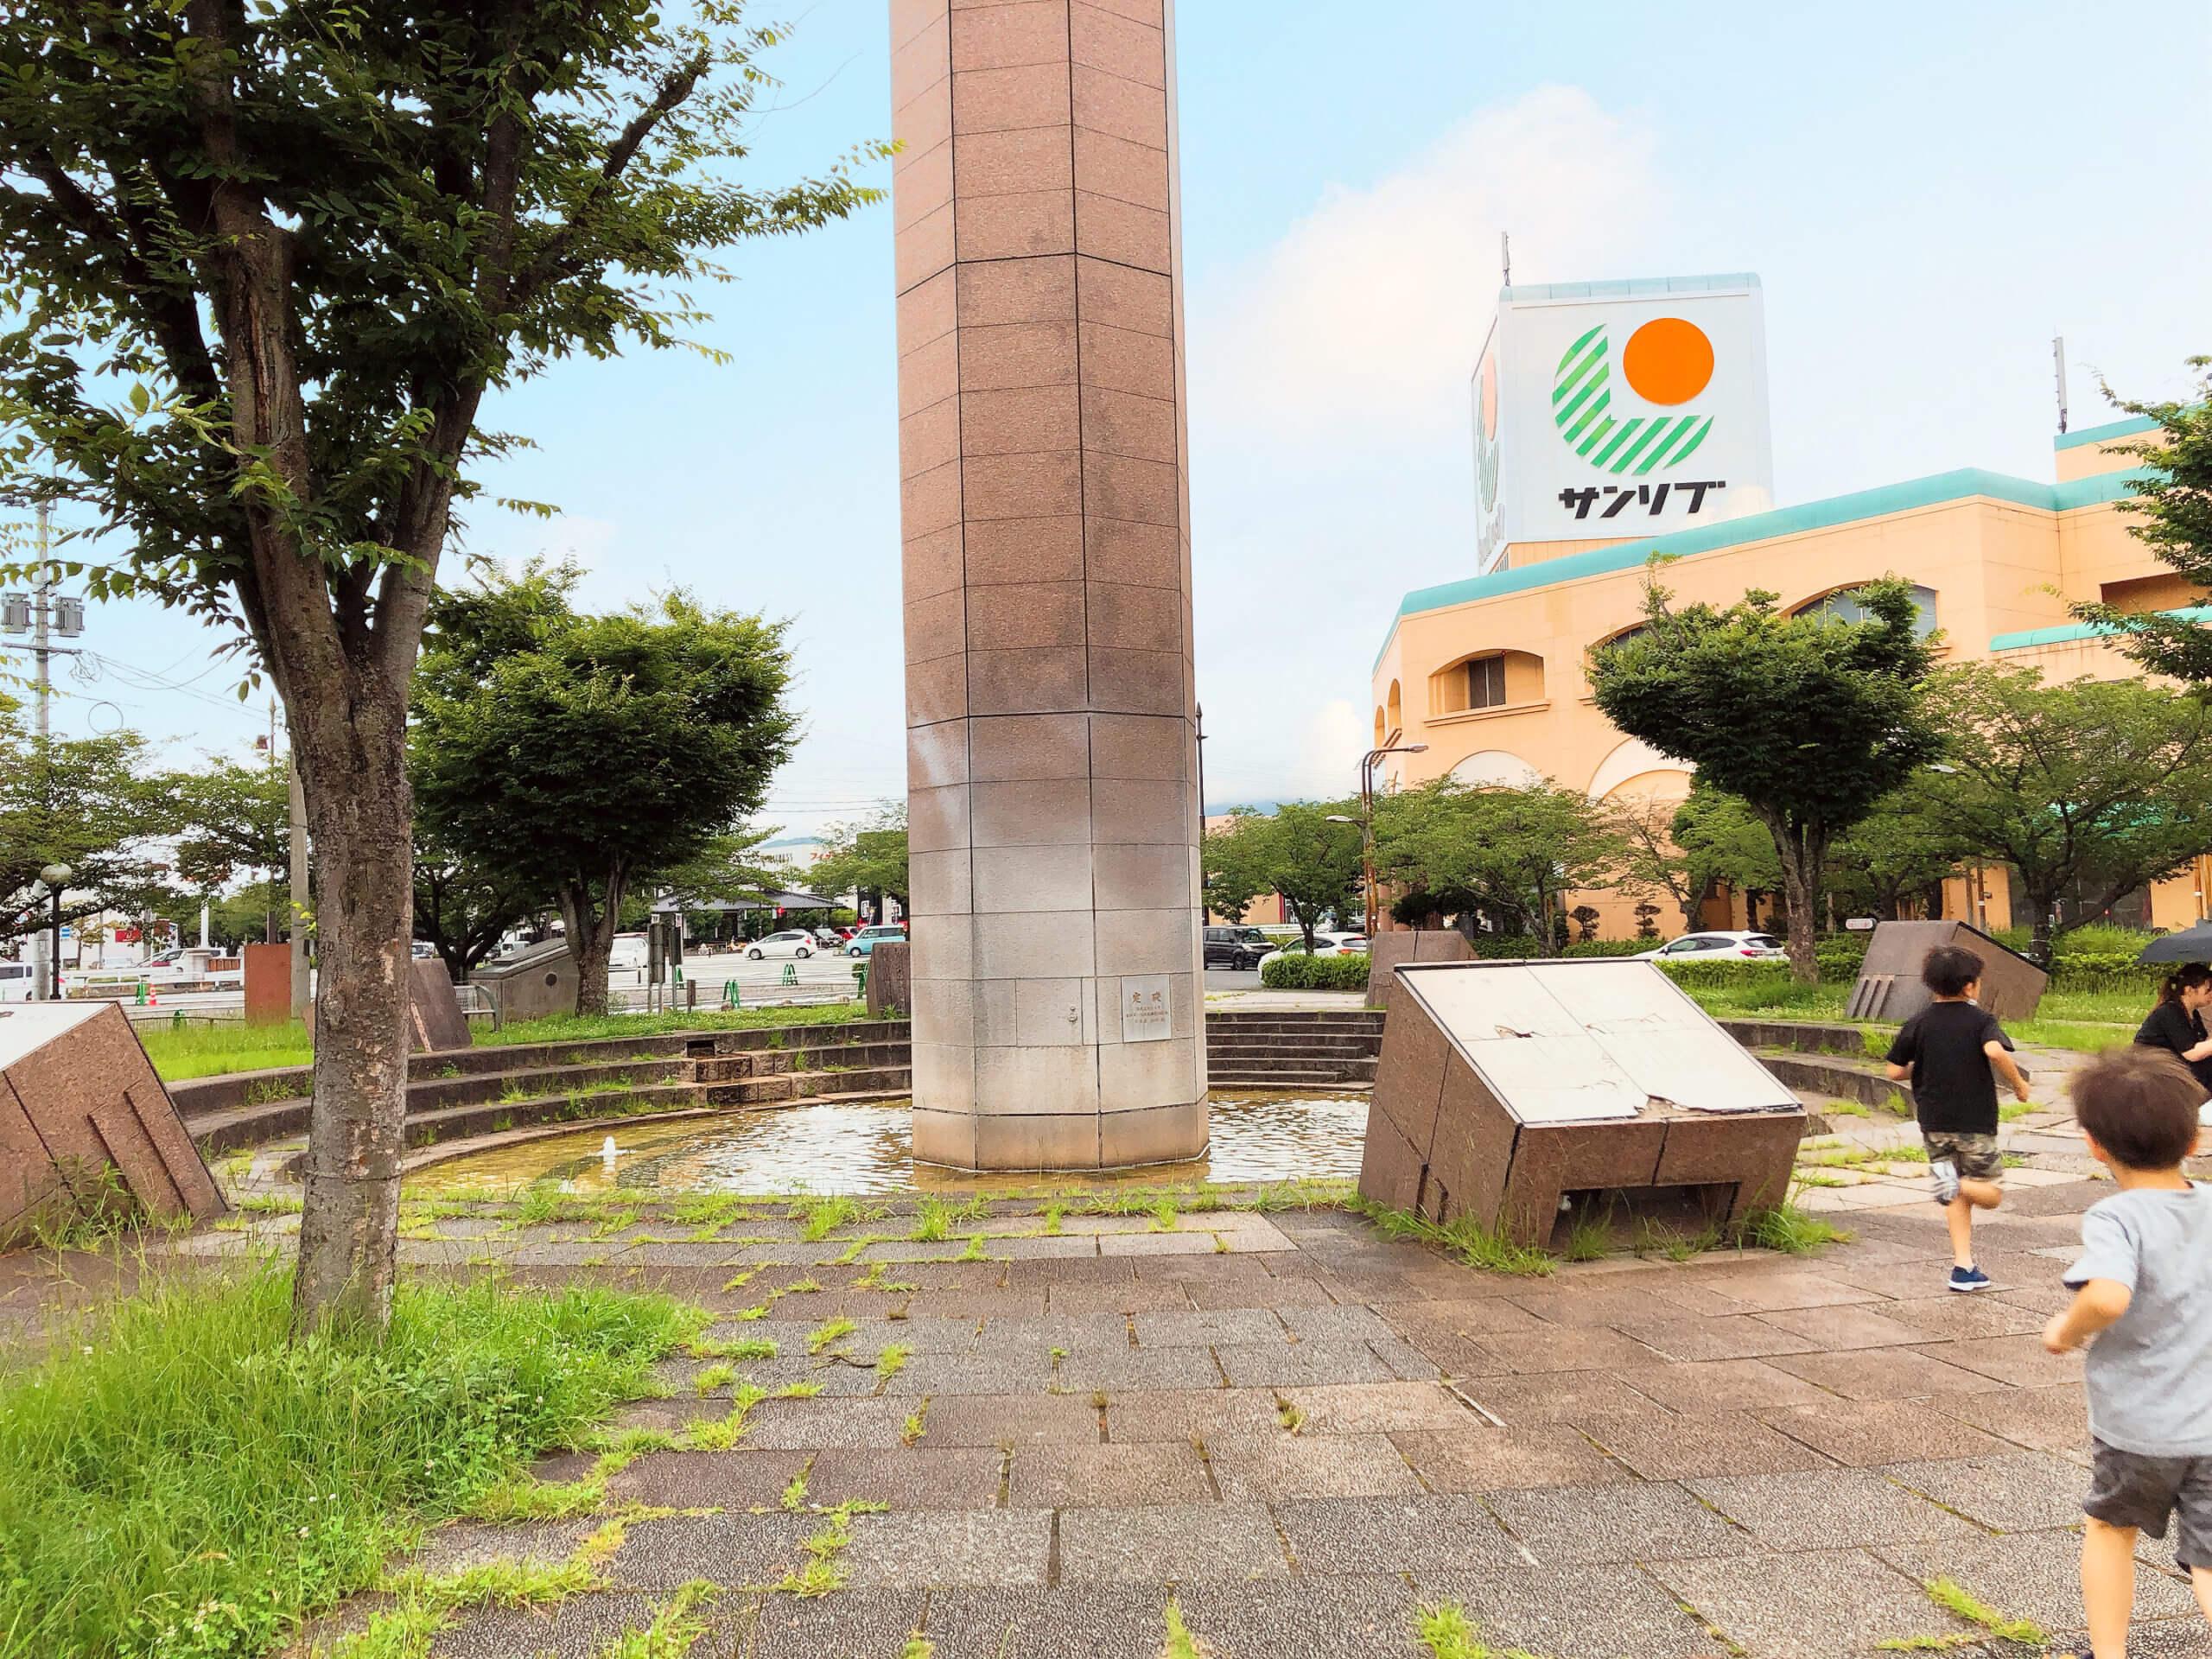 【平成中央公園】サンリブくまなん隣!お買い物にも便利な公園!【熊本市南区馬渡 】